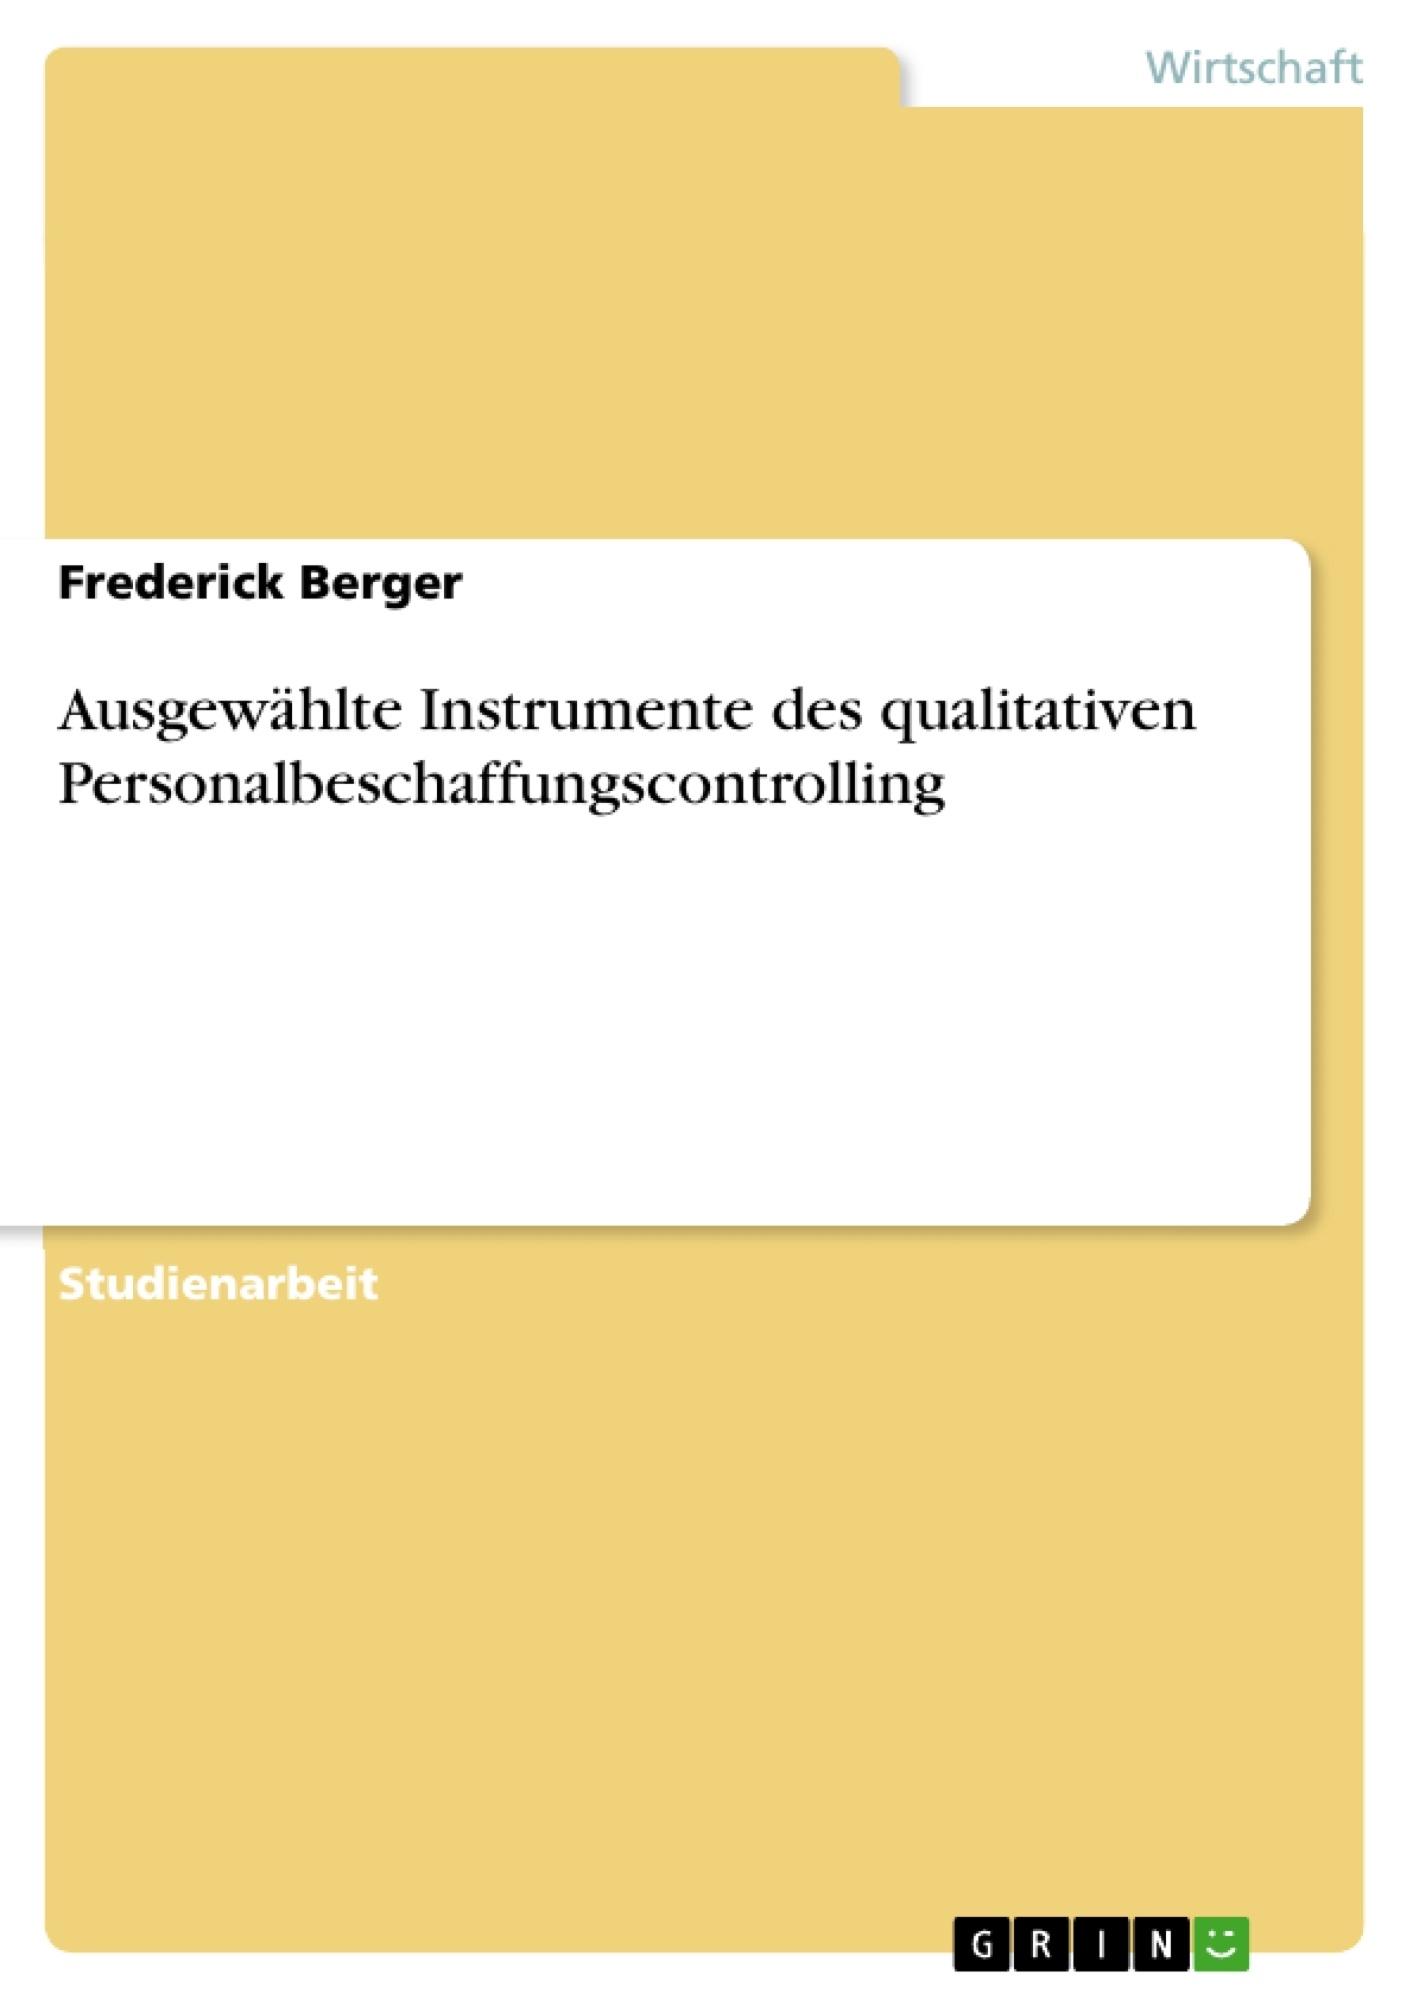 Titel: Ausgewählte Instrumente des qualitativen Personalbeschaffungscontrolling